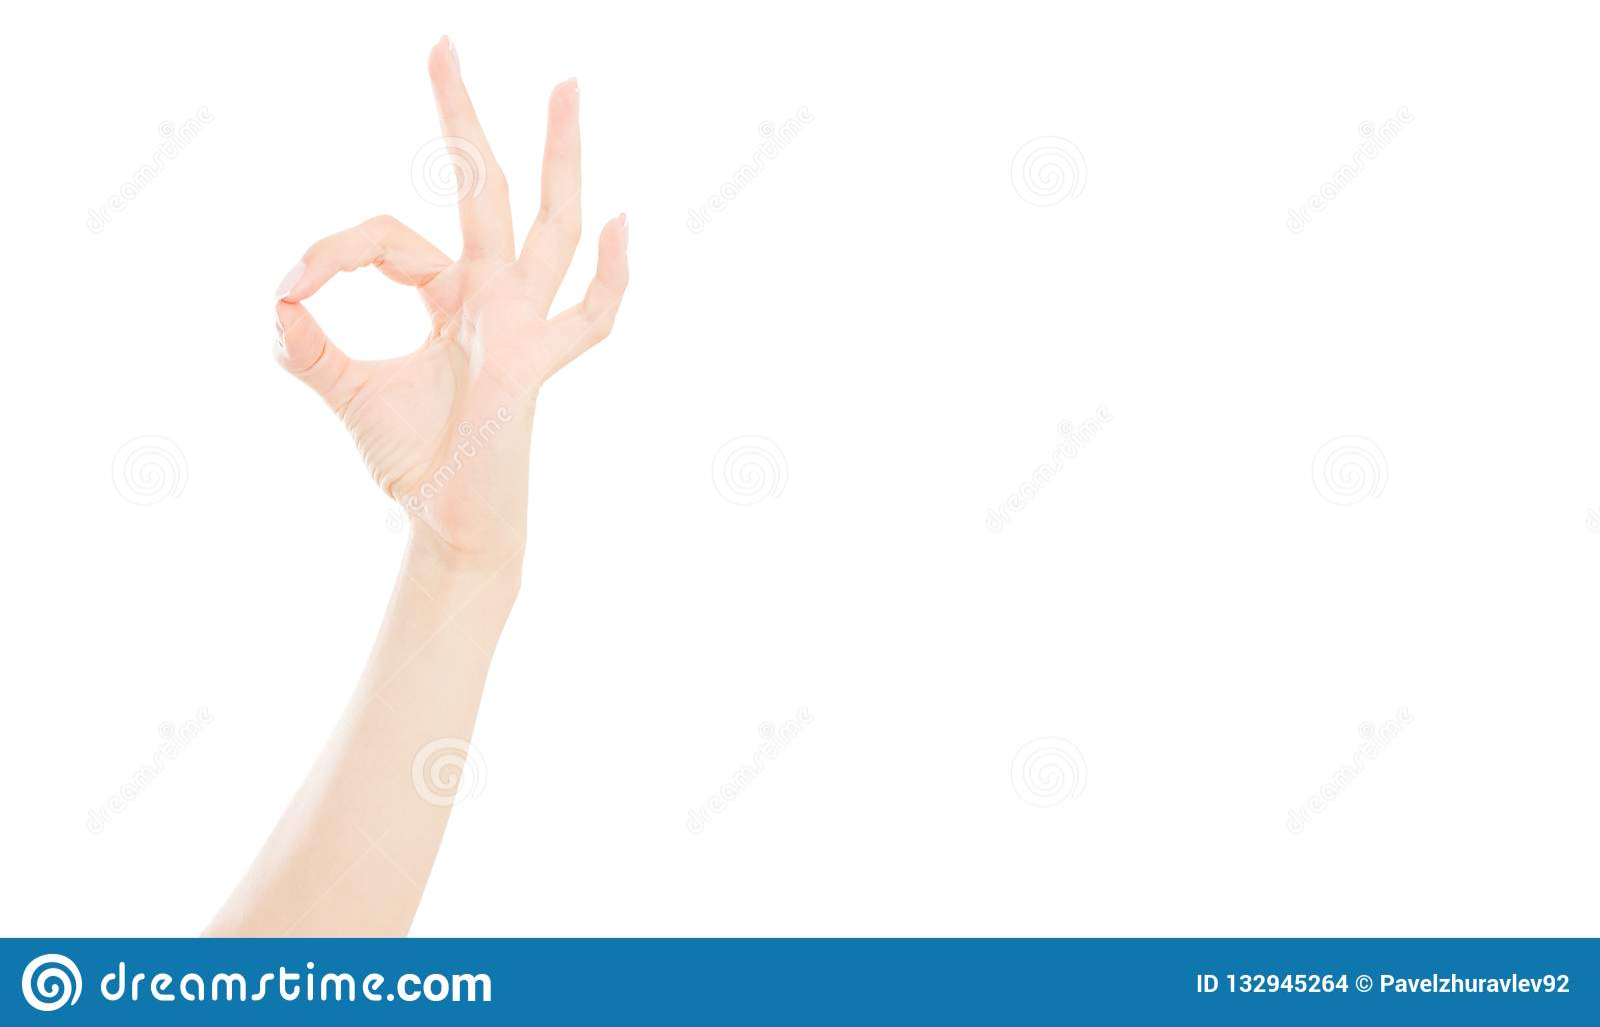 Εντάξει σημάδι που απομονώνεται στο άσπρο υπόβαθρο, θηλυκό χέρι